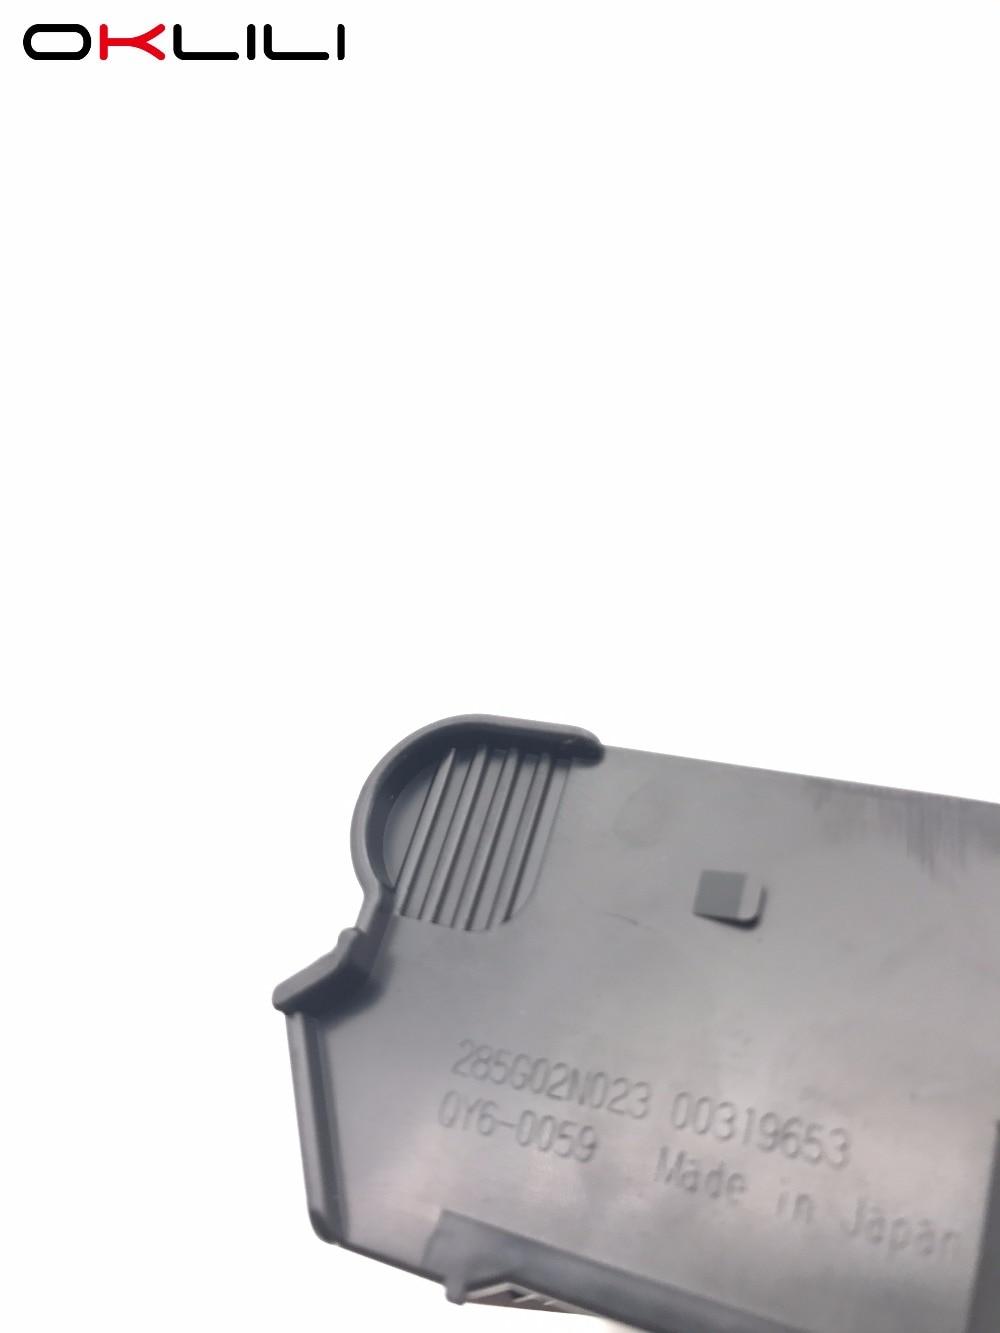 Canlı iP4200 MP500 MP530 üçün OKLILI ORIGINAL QY6-0059 - Ofis elektronikası - Fotoqrafiya 6